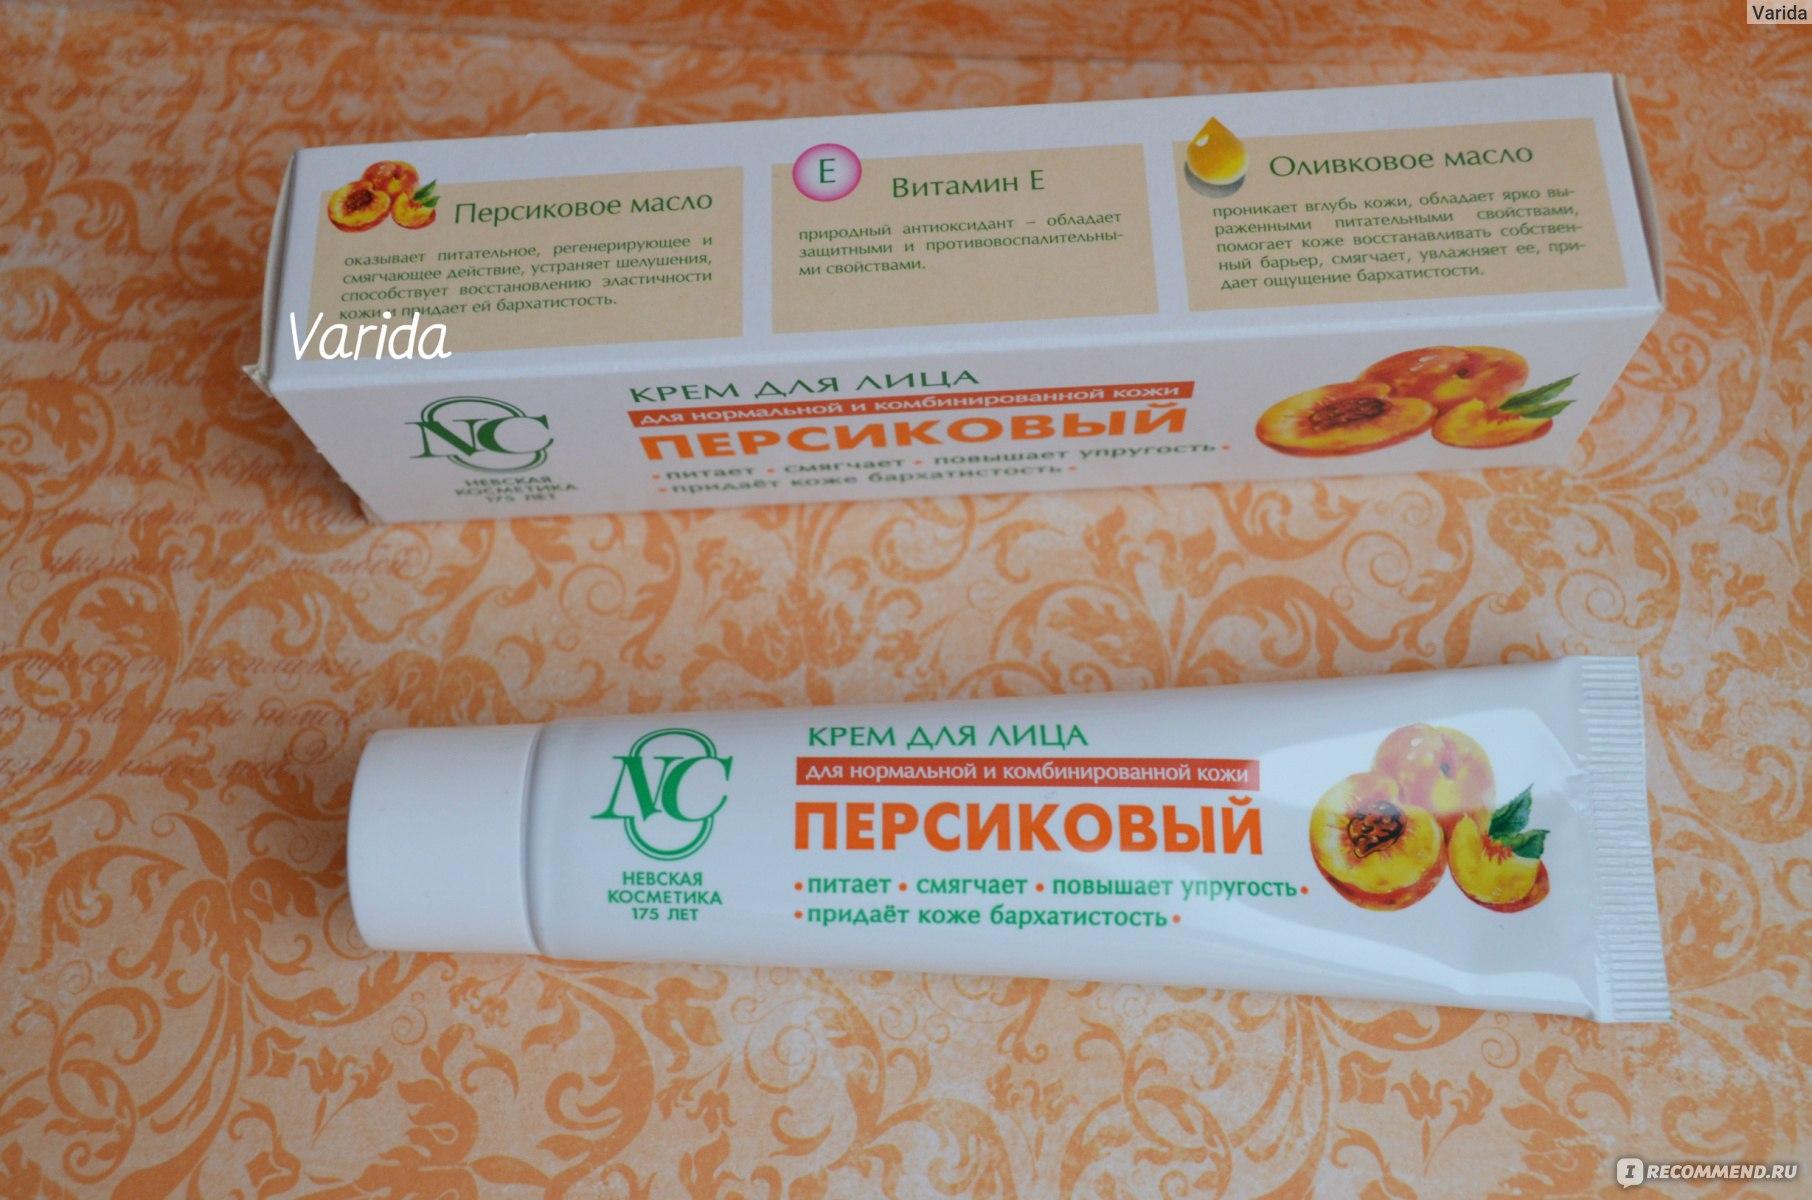 Невская косметика крем персиковый купить бишоф косметика купить